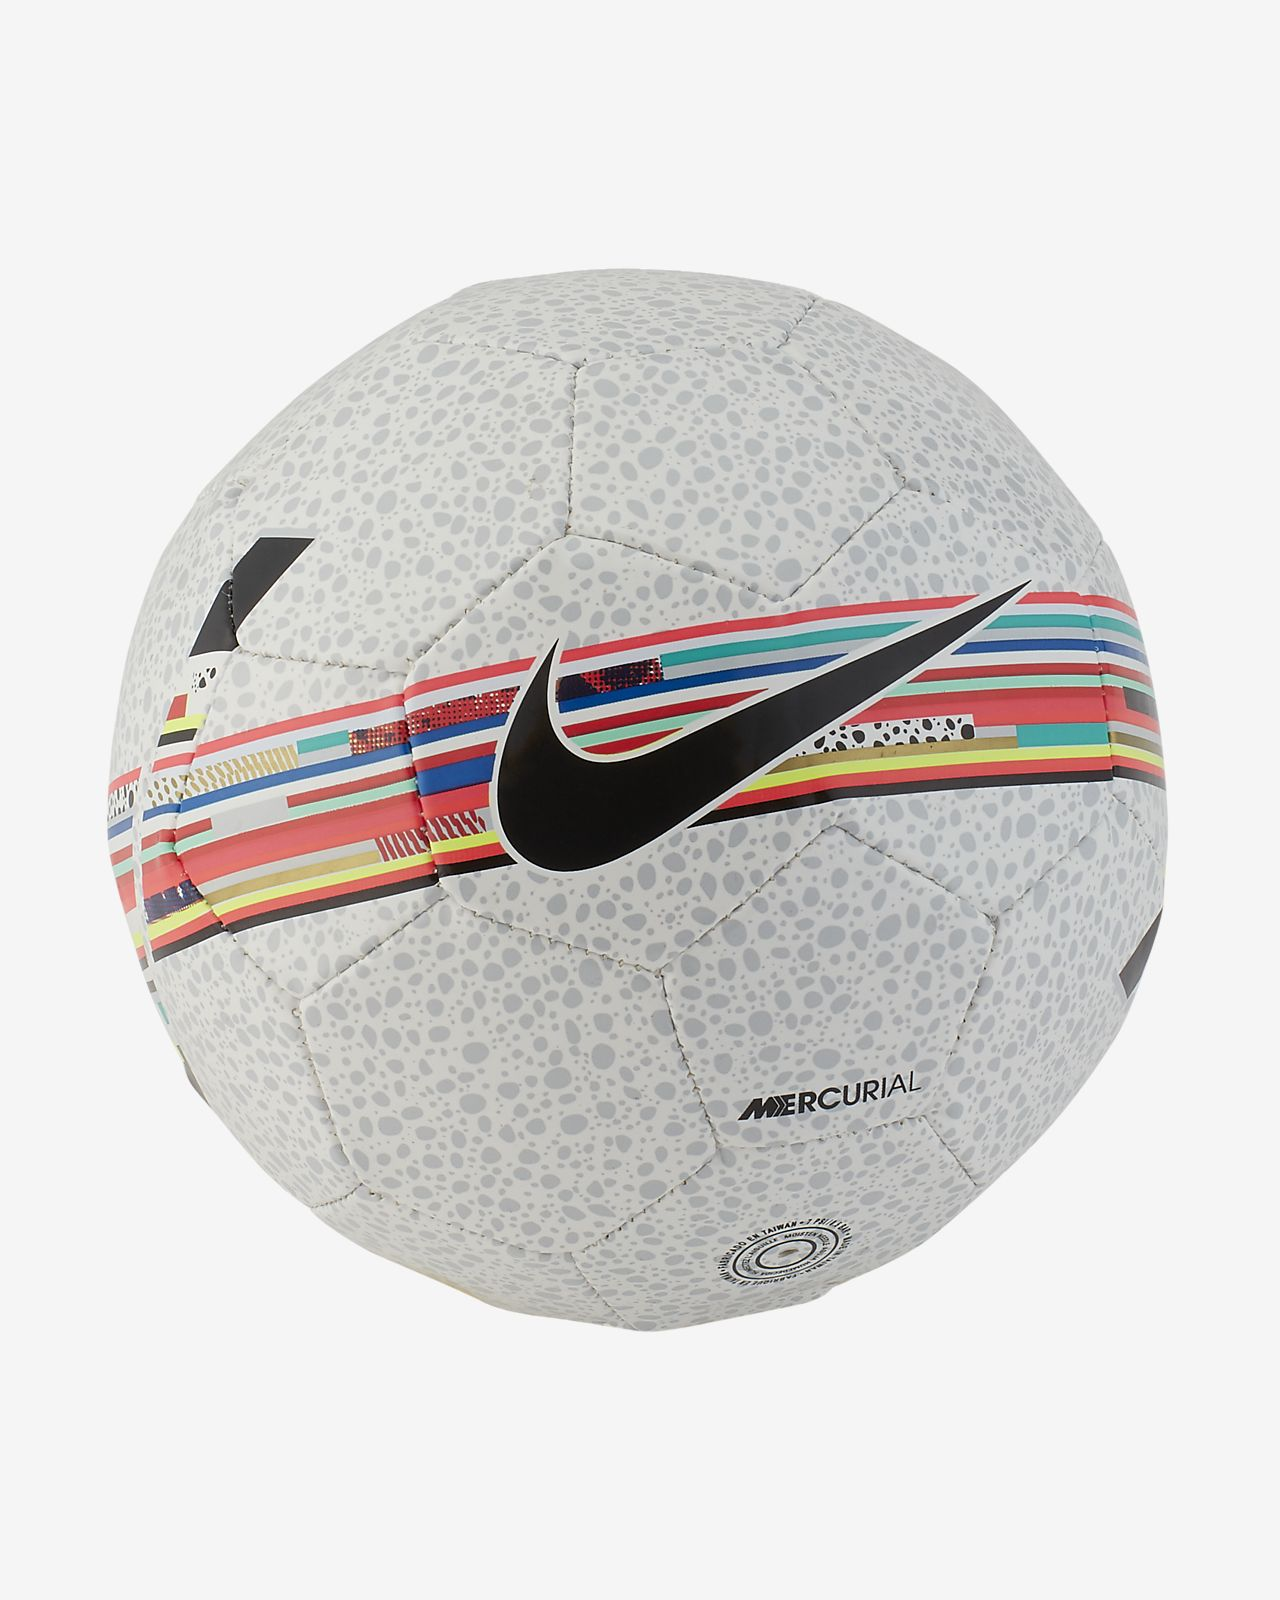 Nike Mercurial Skills - fodbold